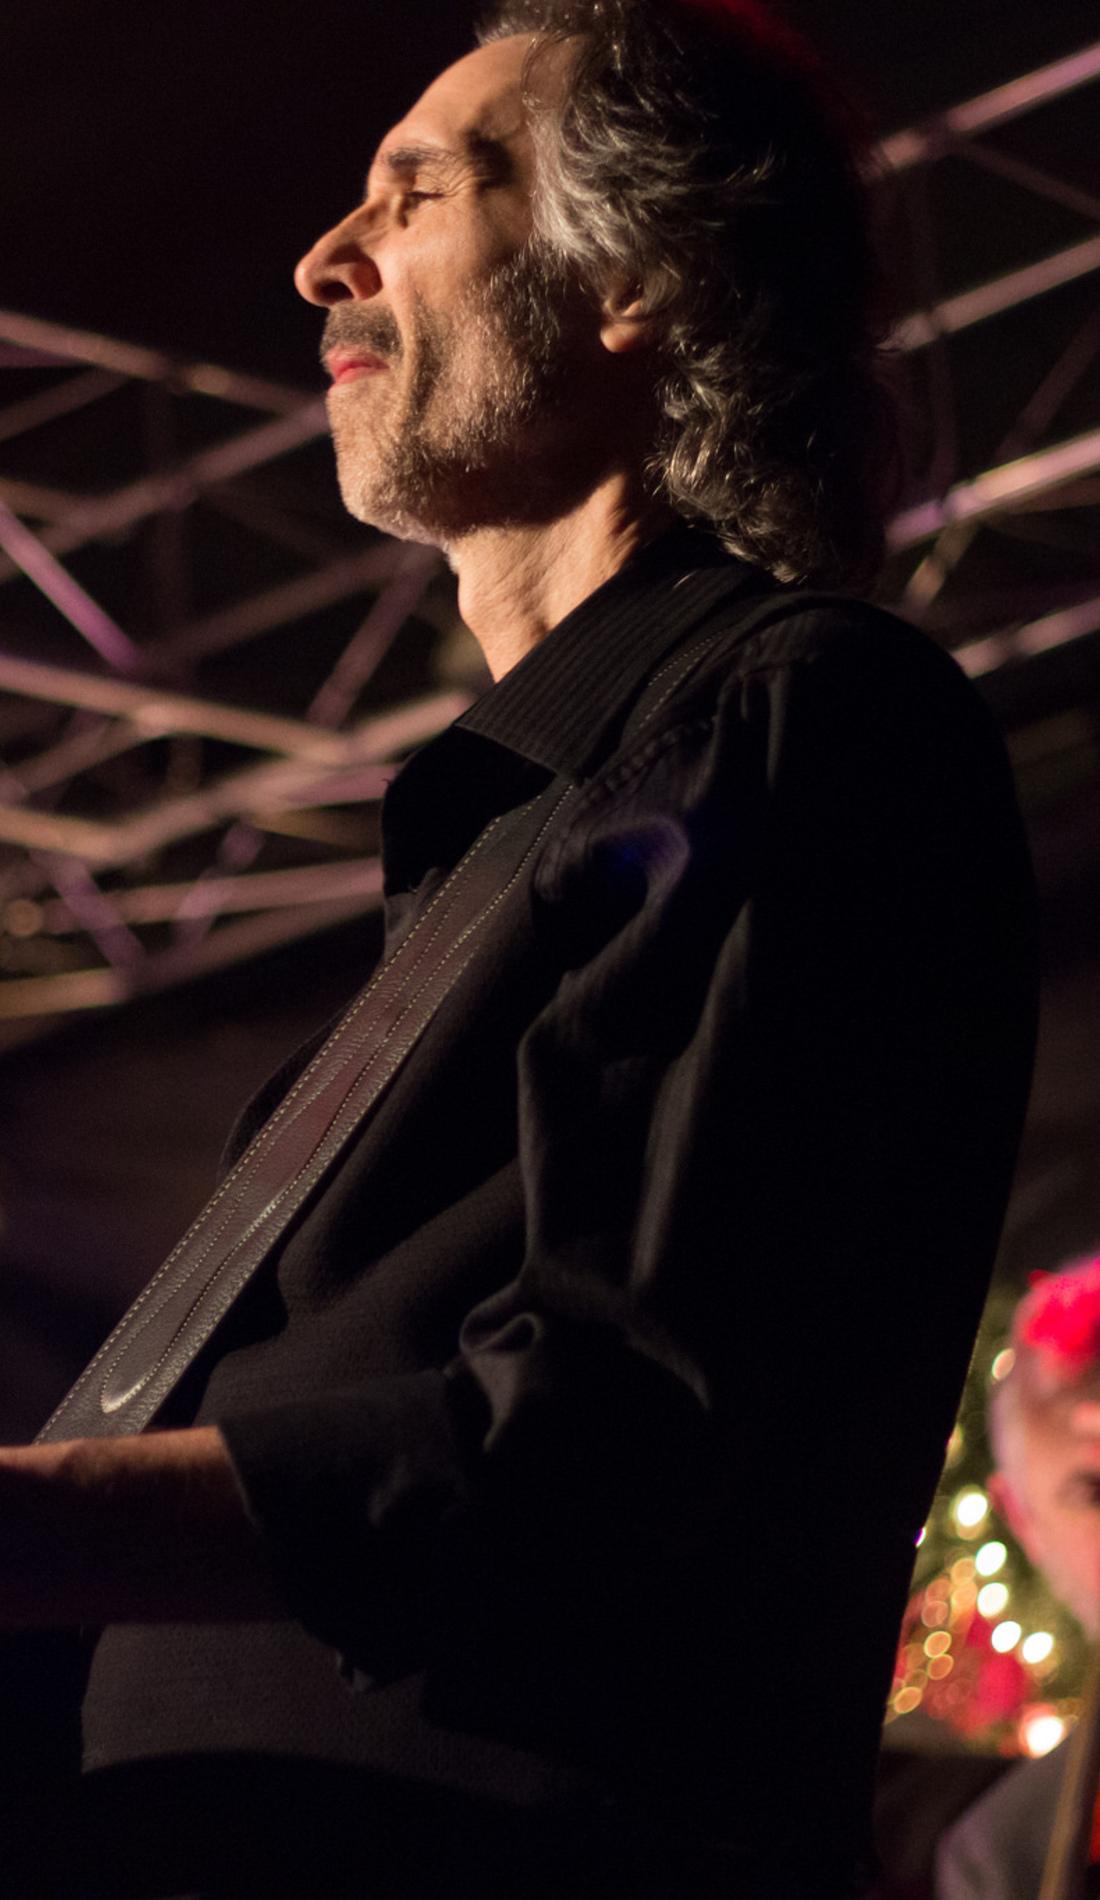 A St. Louis Music Festival live event